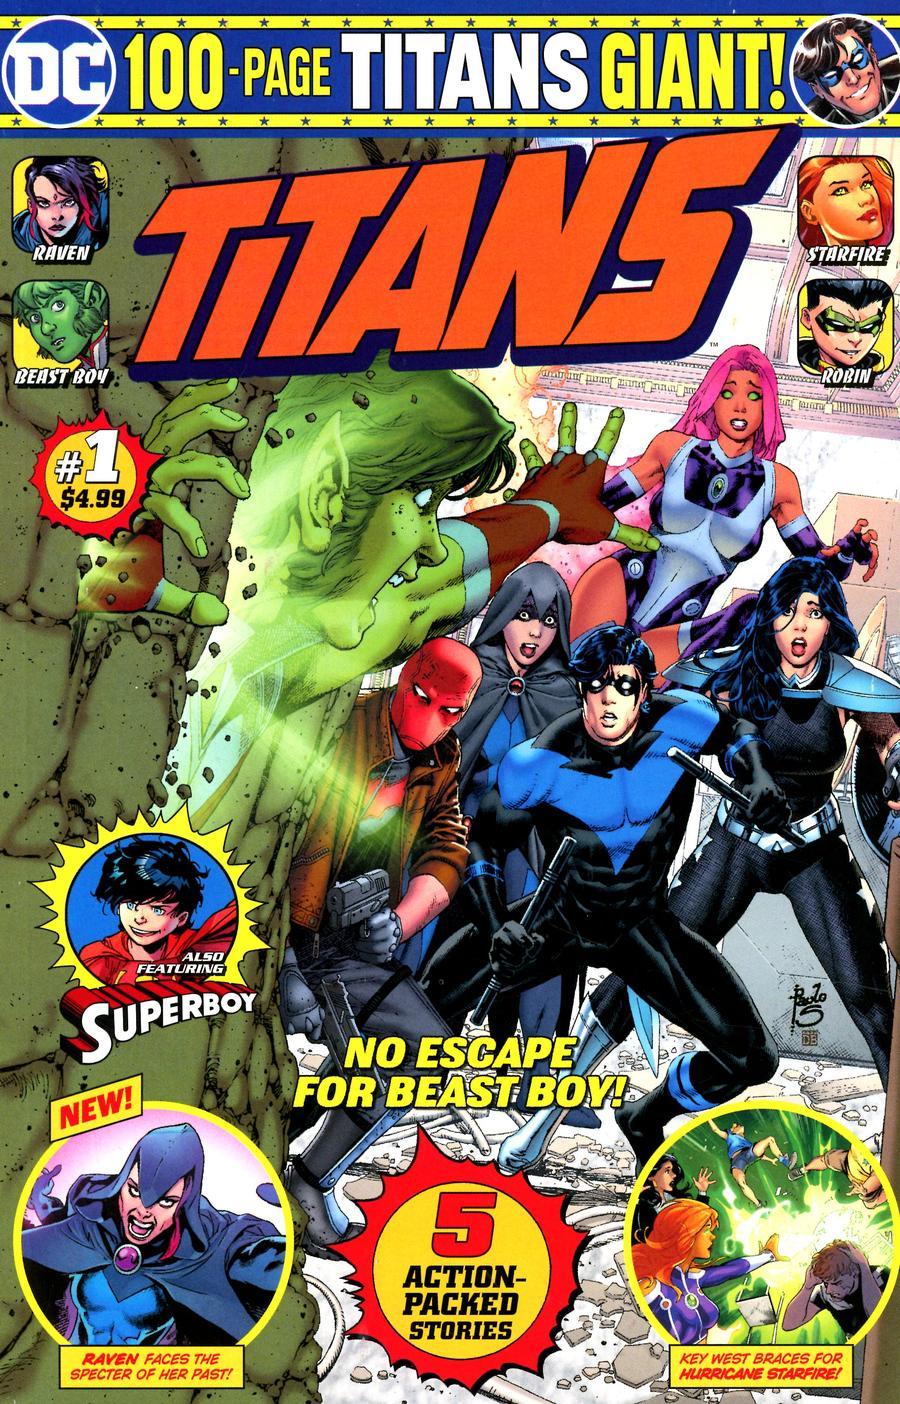 Titans Giant #1 (2020)